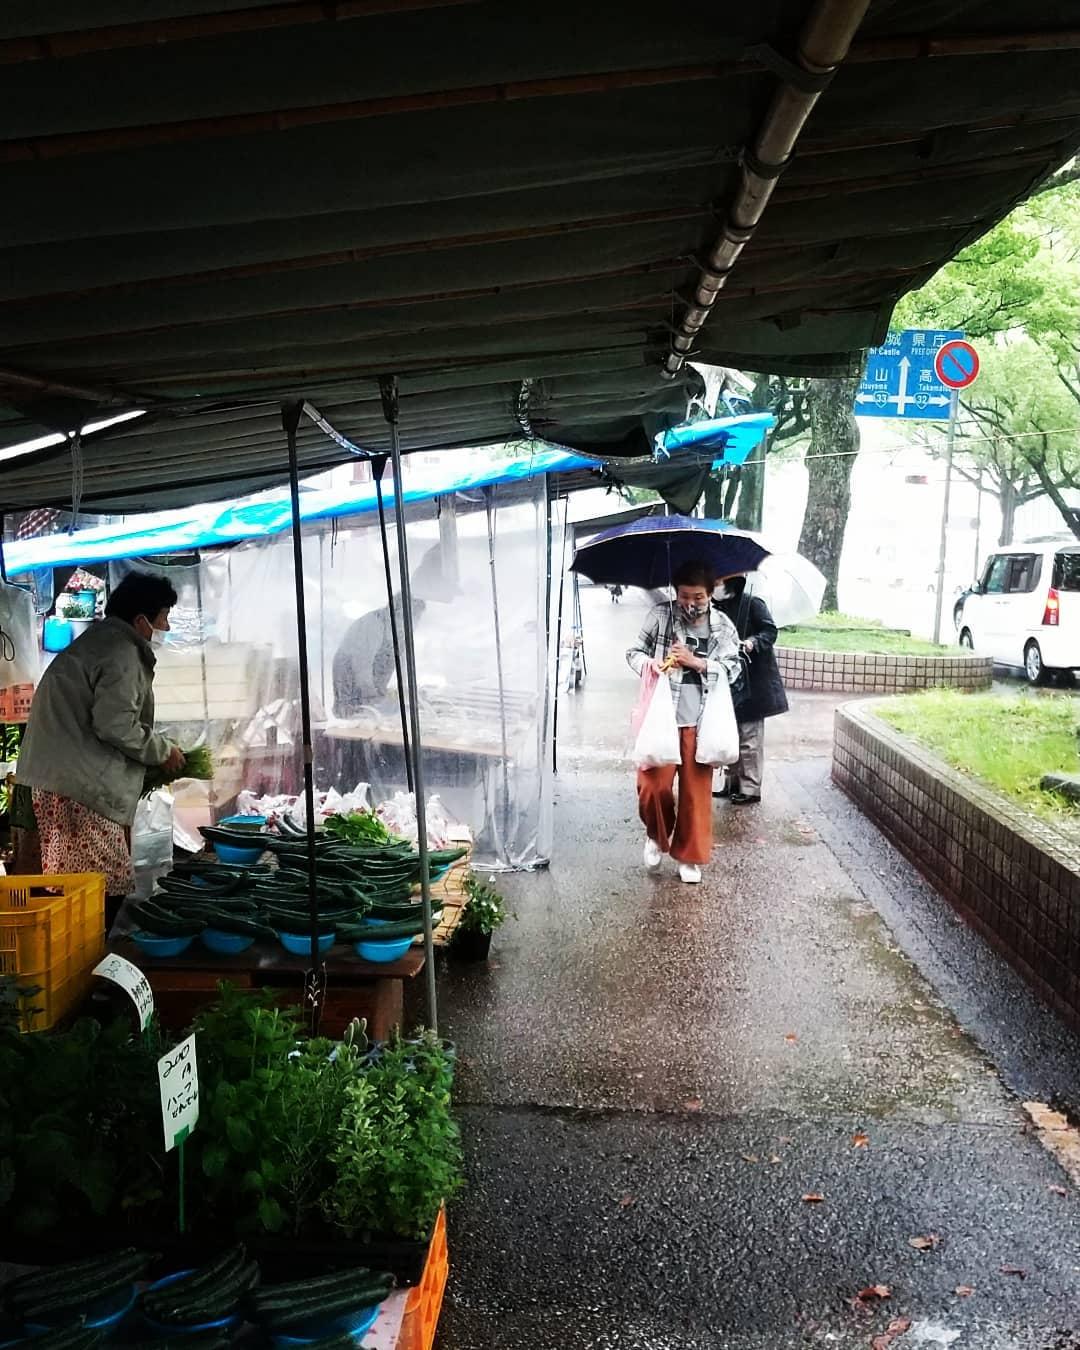 おはようございます!木曜市開催中です。朝からざーざーと強い雨が降っております。出店者のおばちゃん曰く…「こればぁの雨で休みよったら毎日休まないかんなるき!」ということです(笑)雨でもしっかり開店しておりますので、皆さまぜひお越しくださいませ#高知木曜市 #木曜市